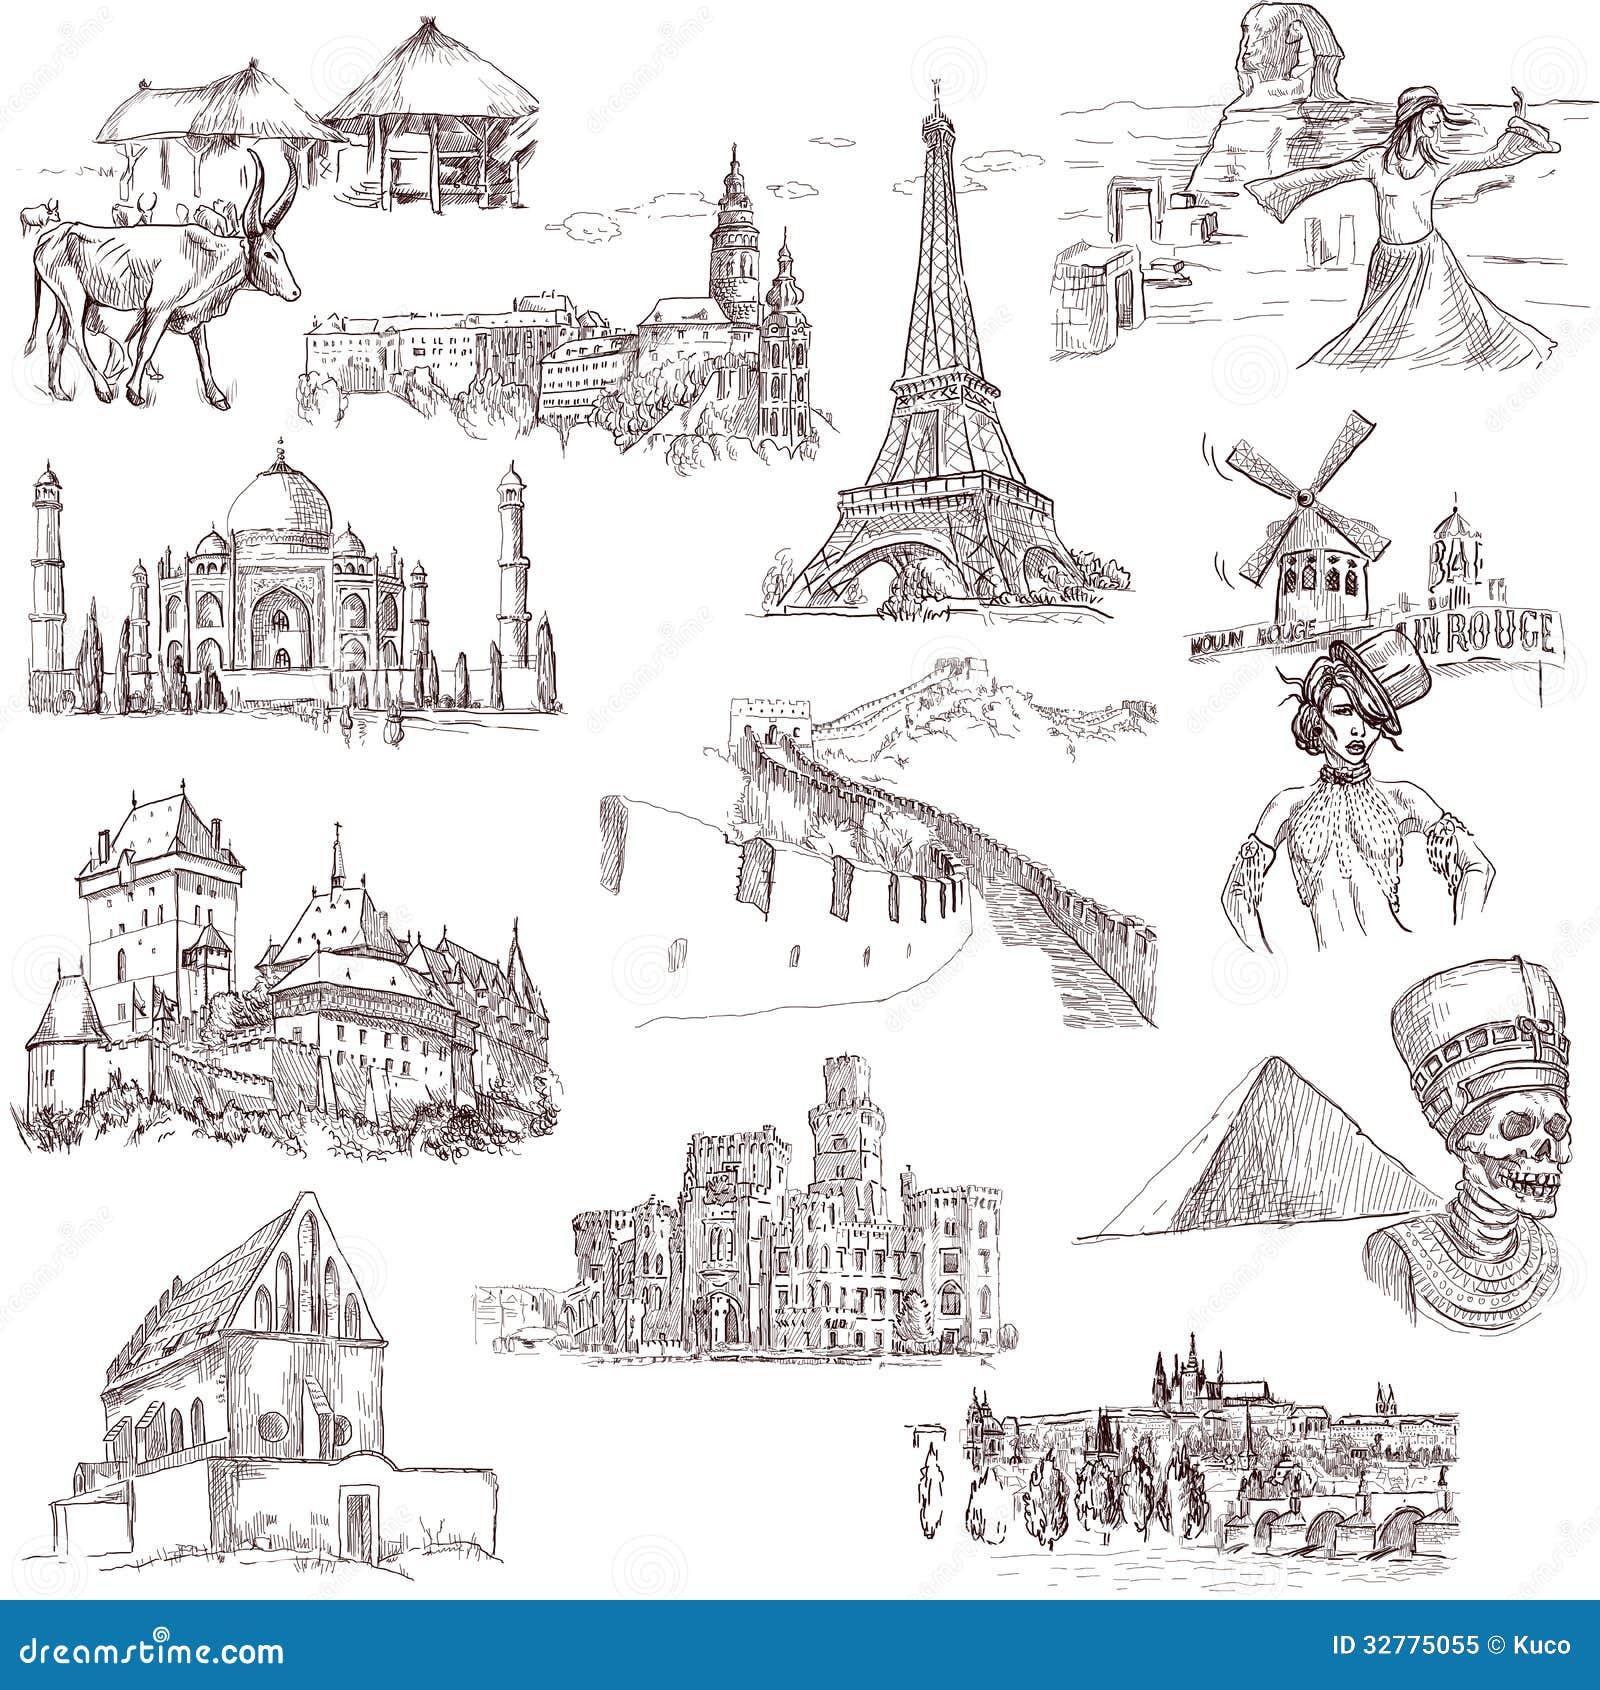 Architettura e posti 1